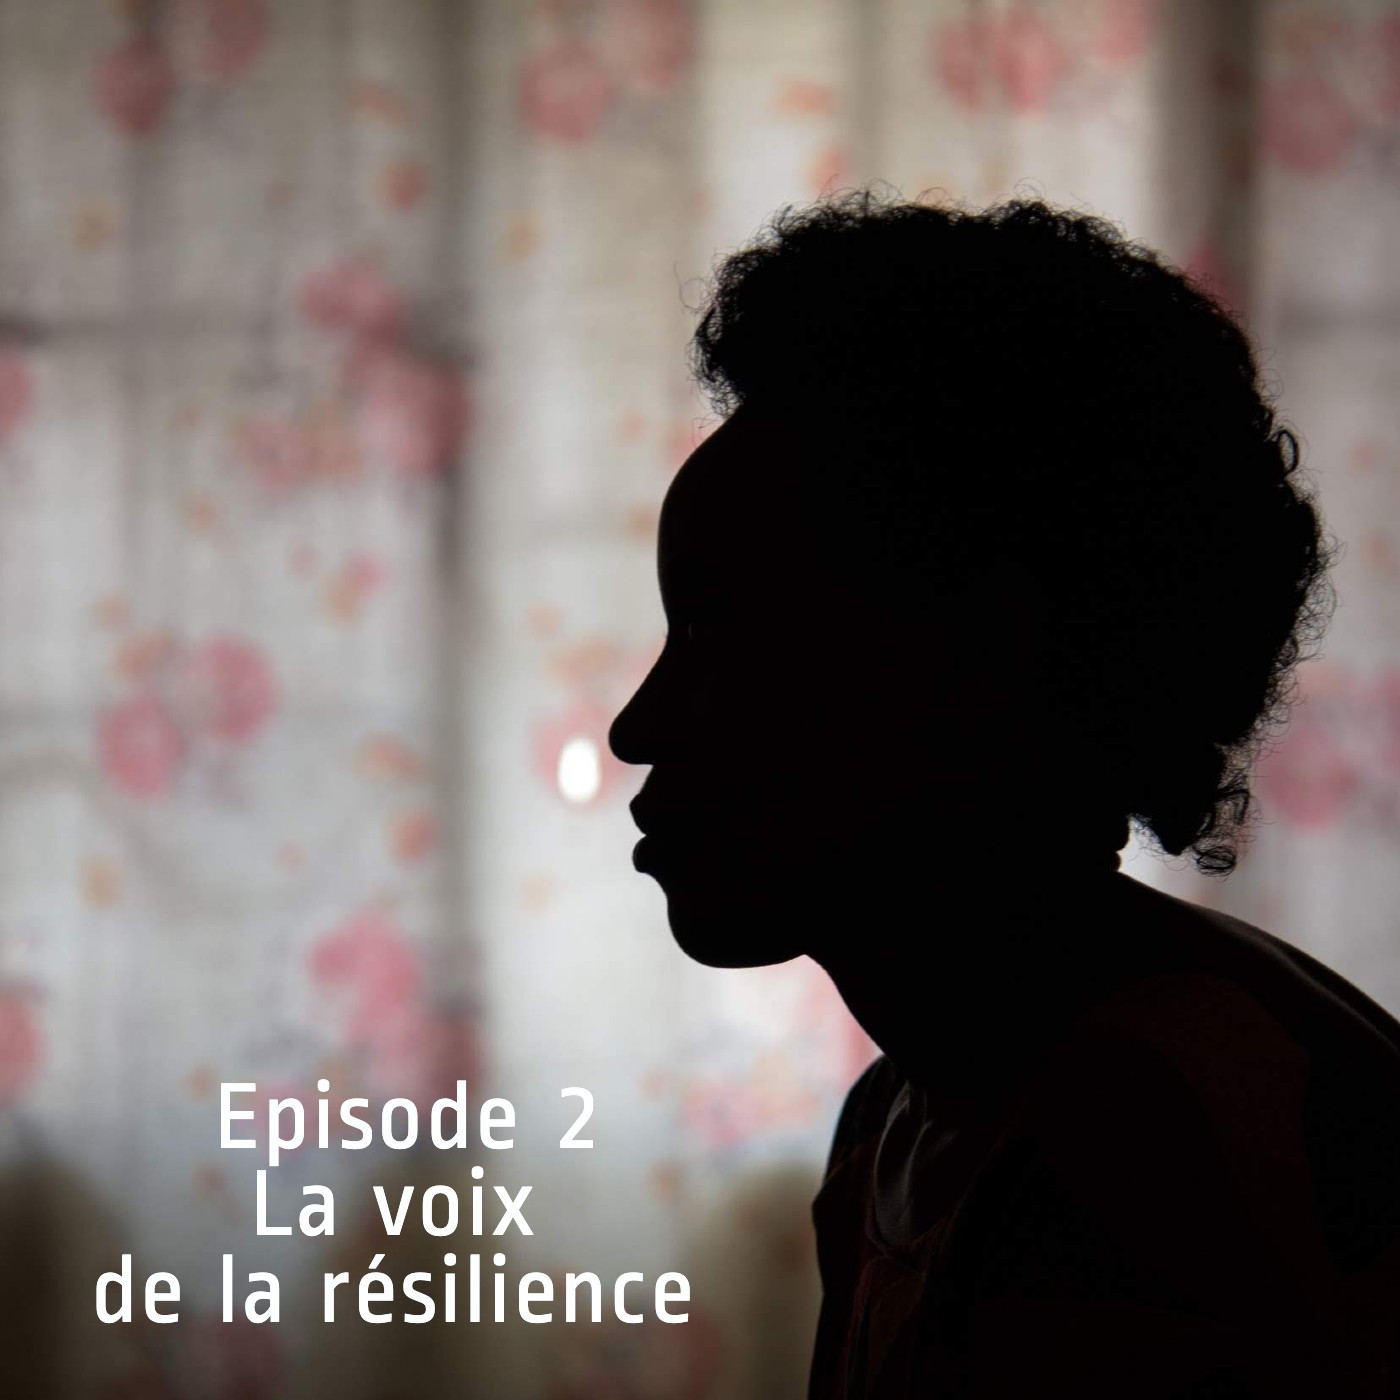 Episode 2 - La voix de la résilience